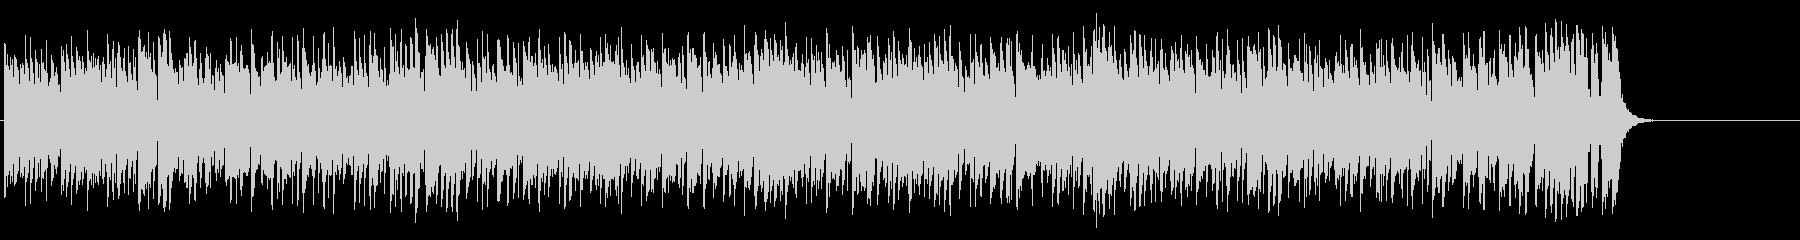 元気ハツラツOPポップス(イントロ~…)の未再生の波形